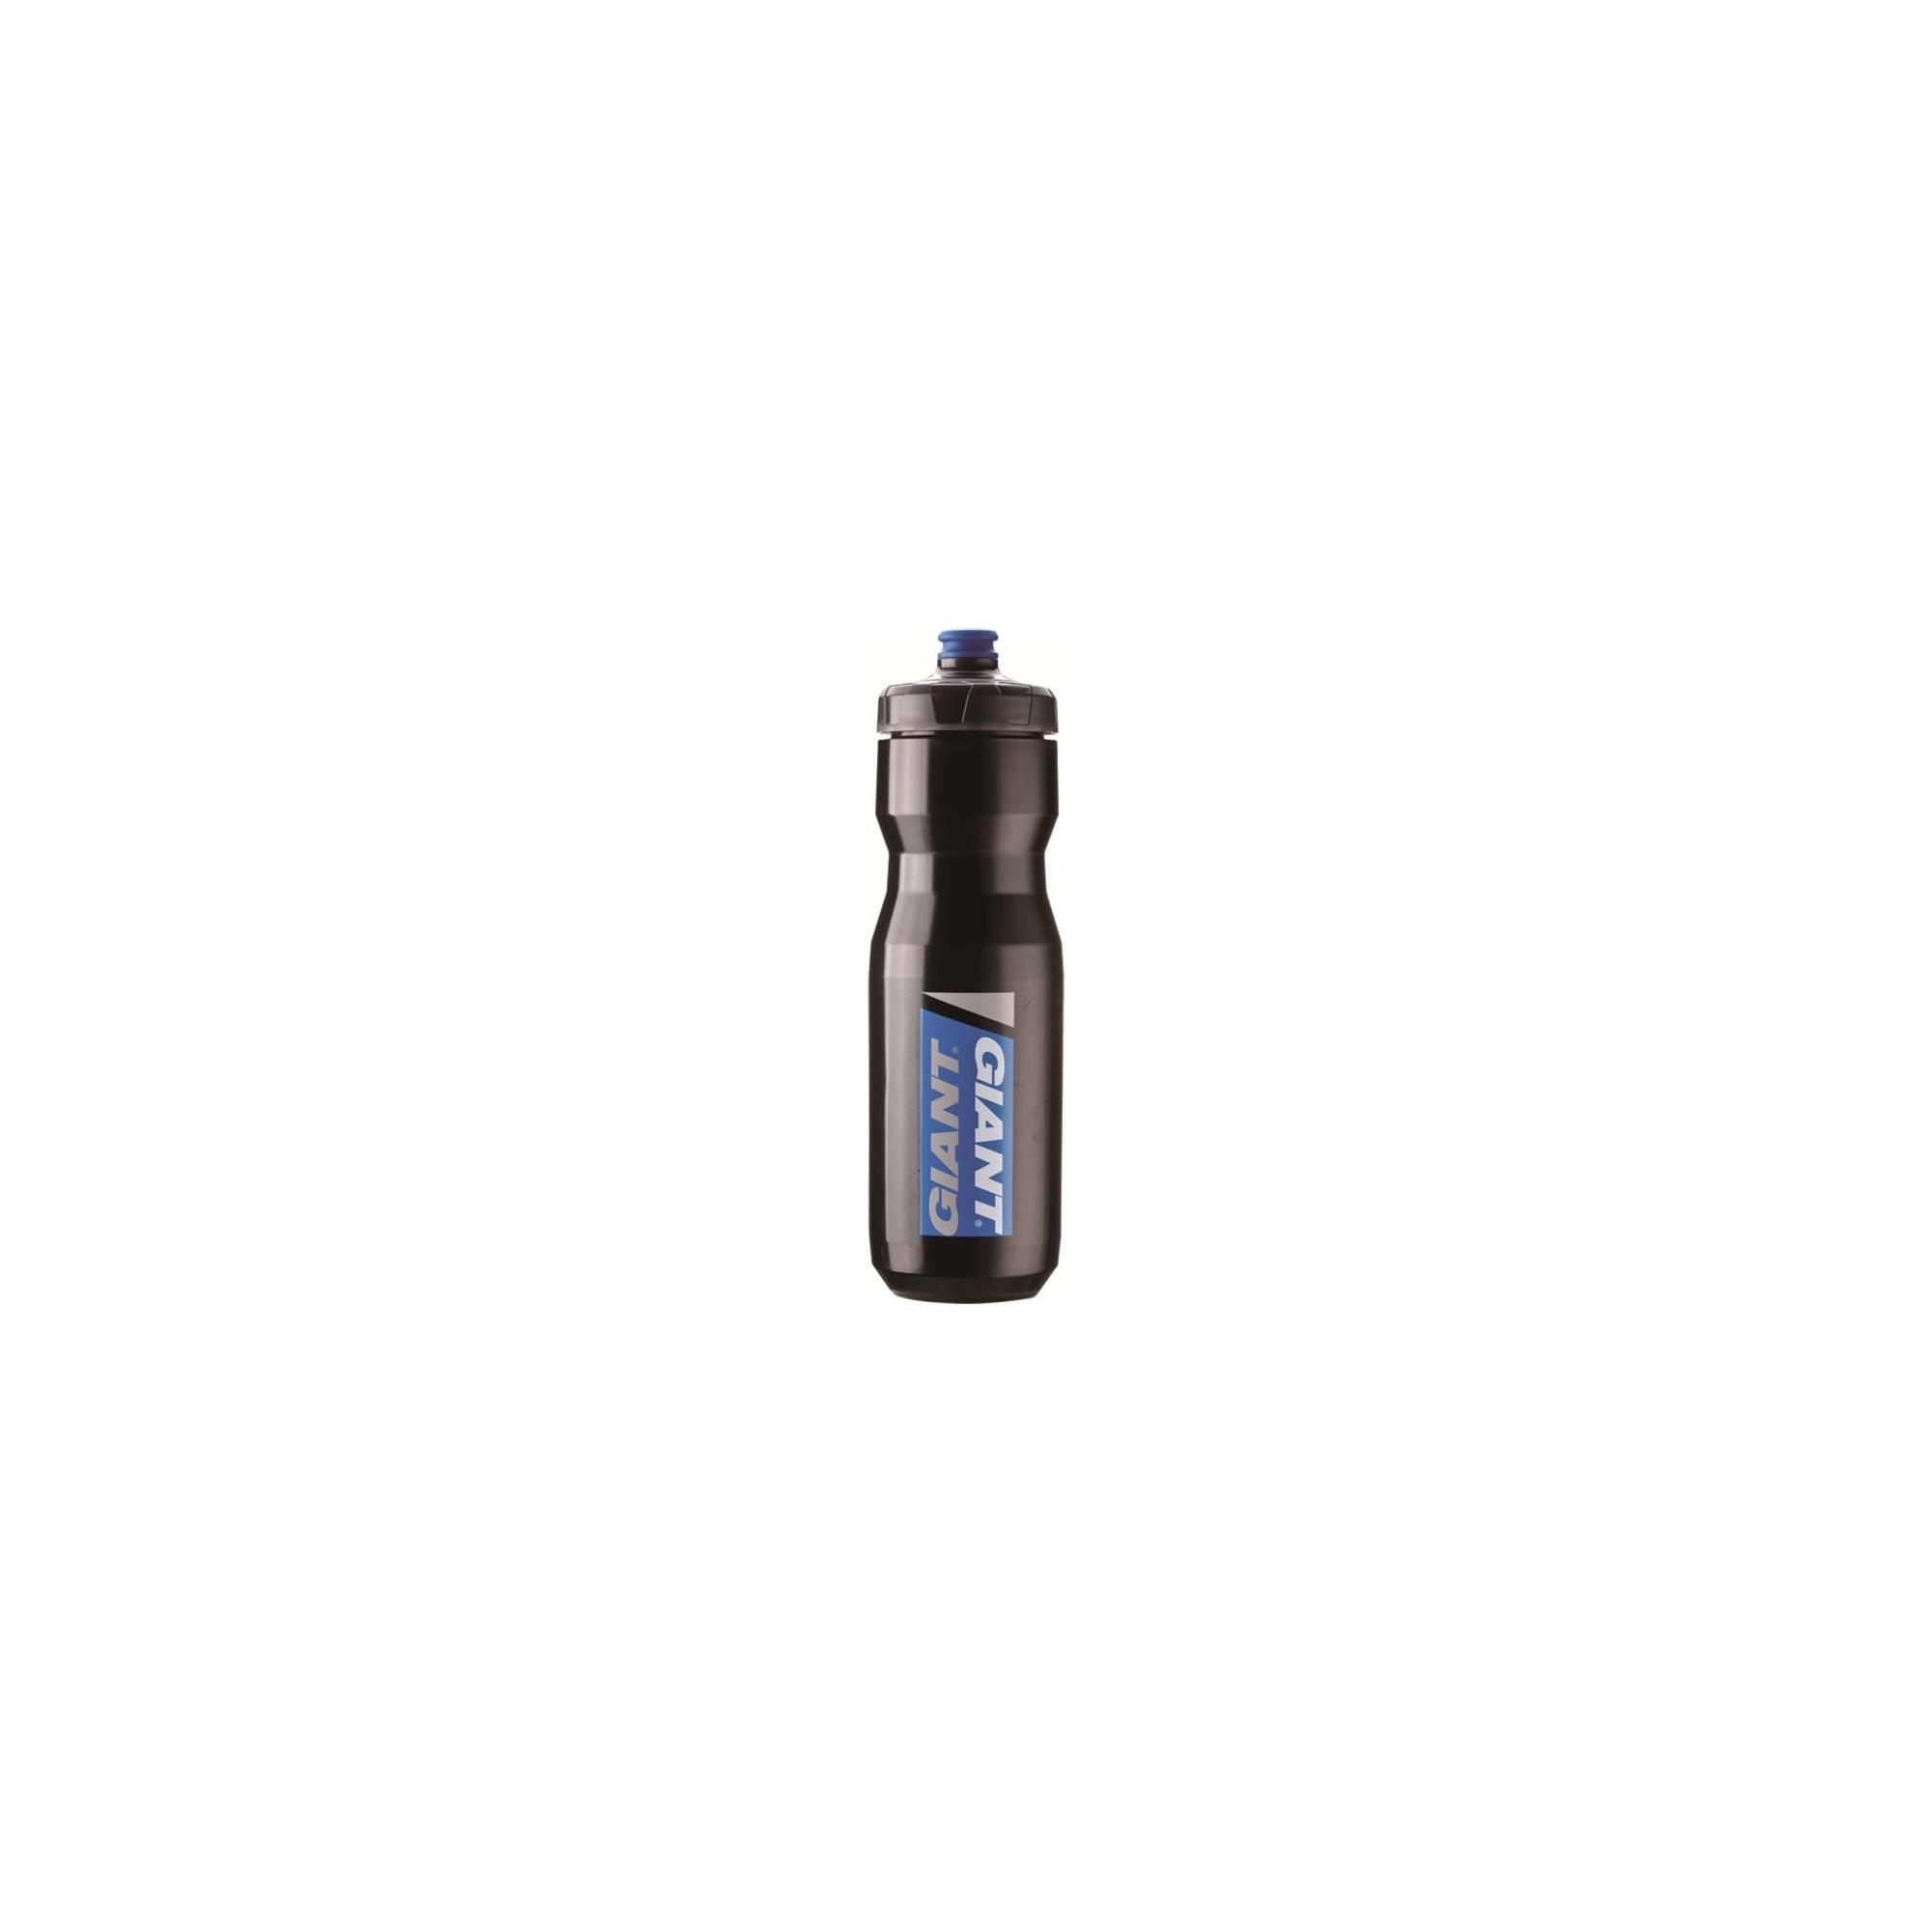 Bidon Giant noir-bleu doubleSpring rapide 750ml